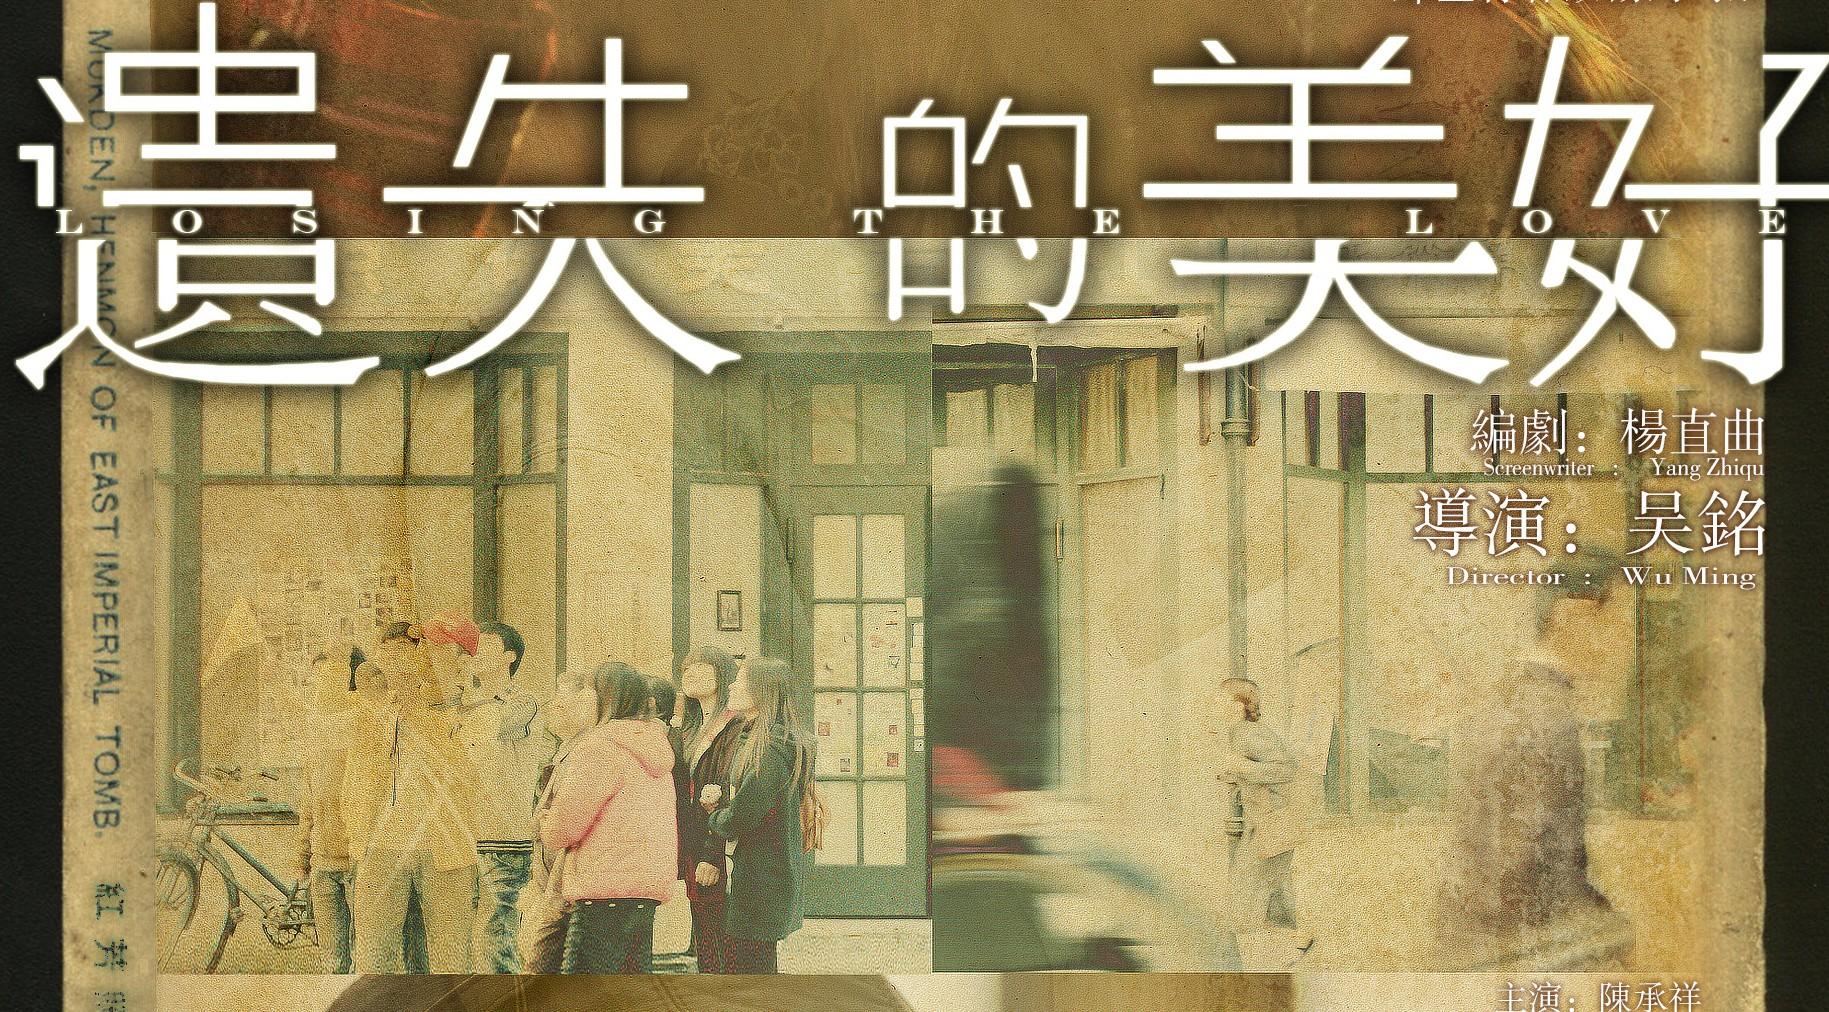 《遗失的美好》北京大学生电影节获奖作品